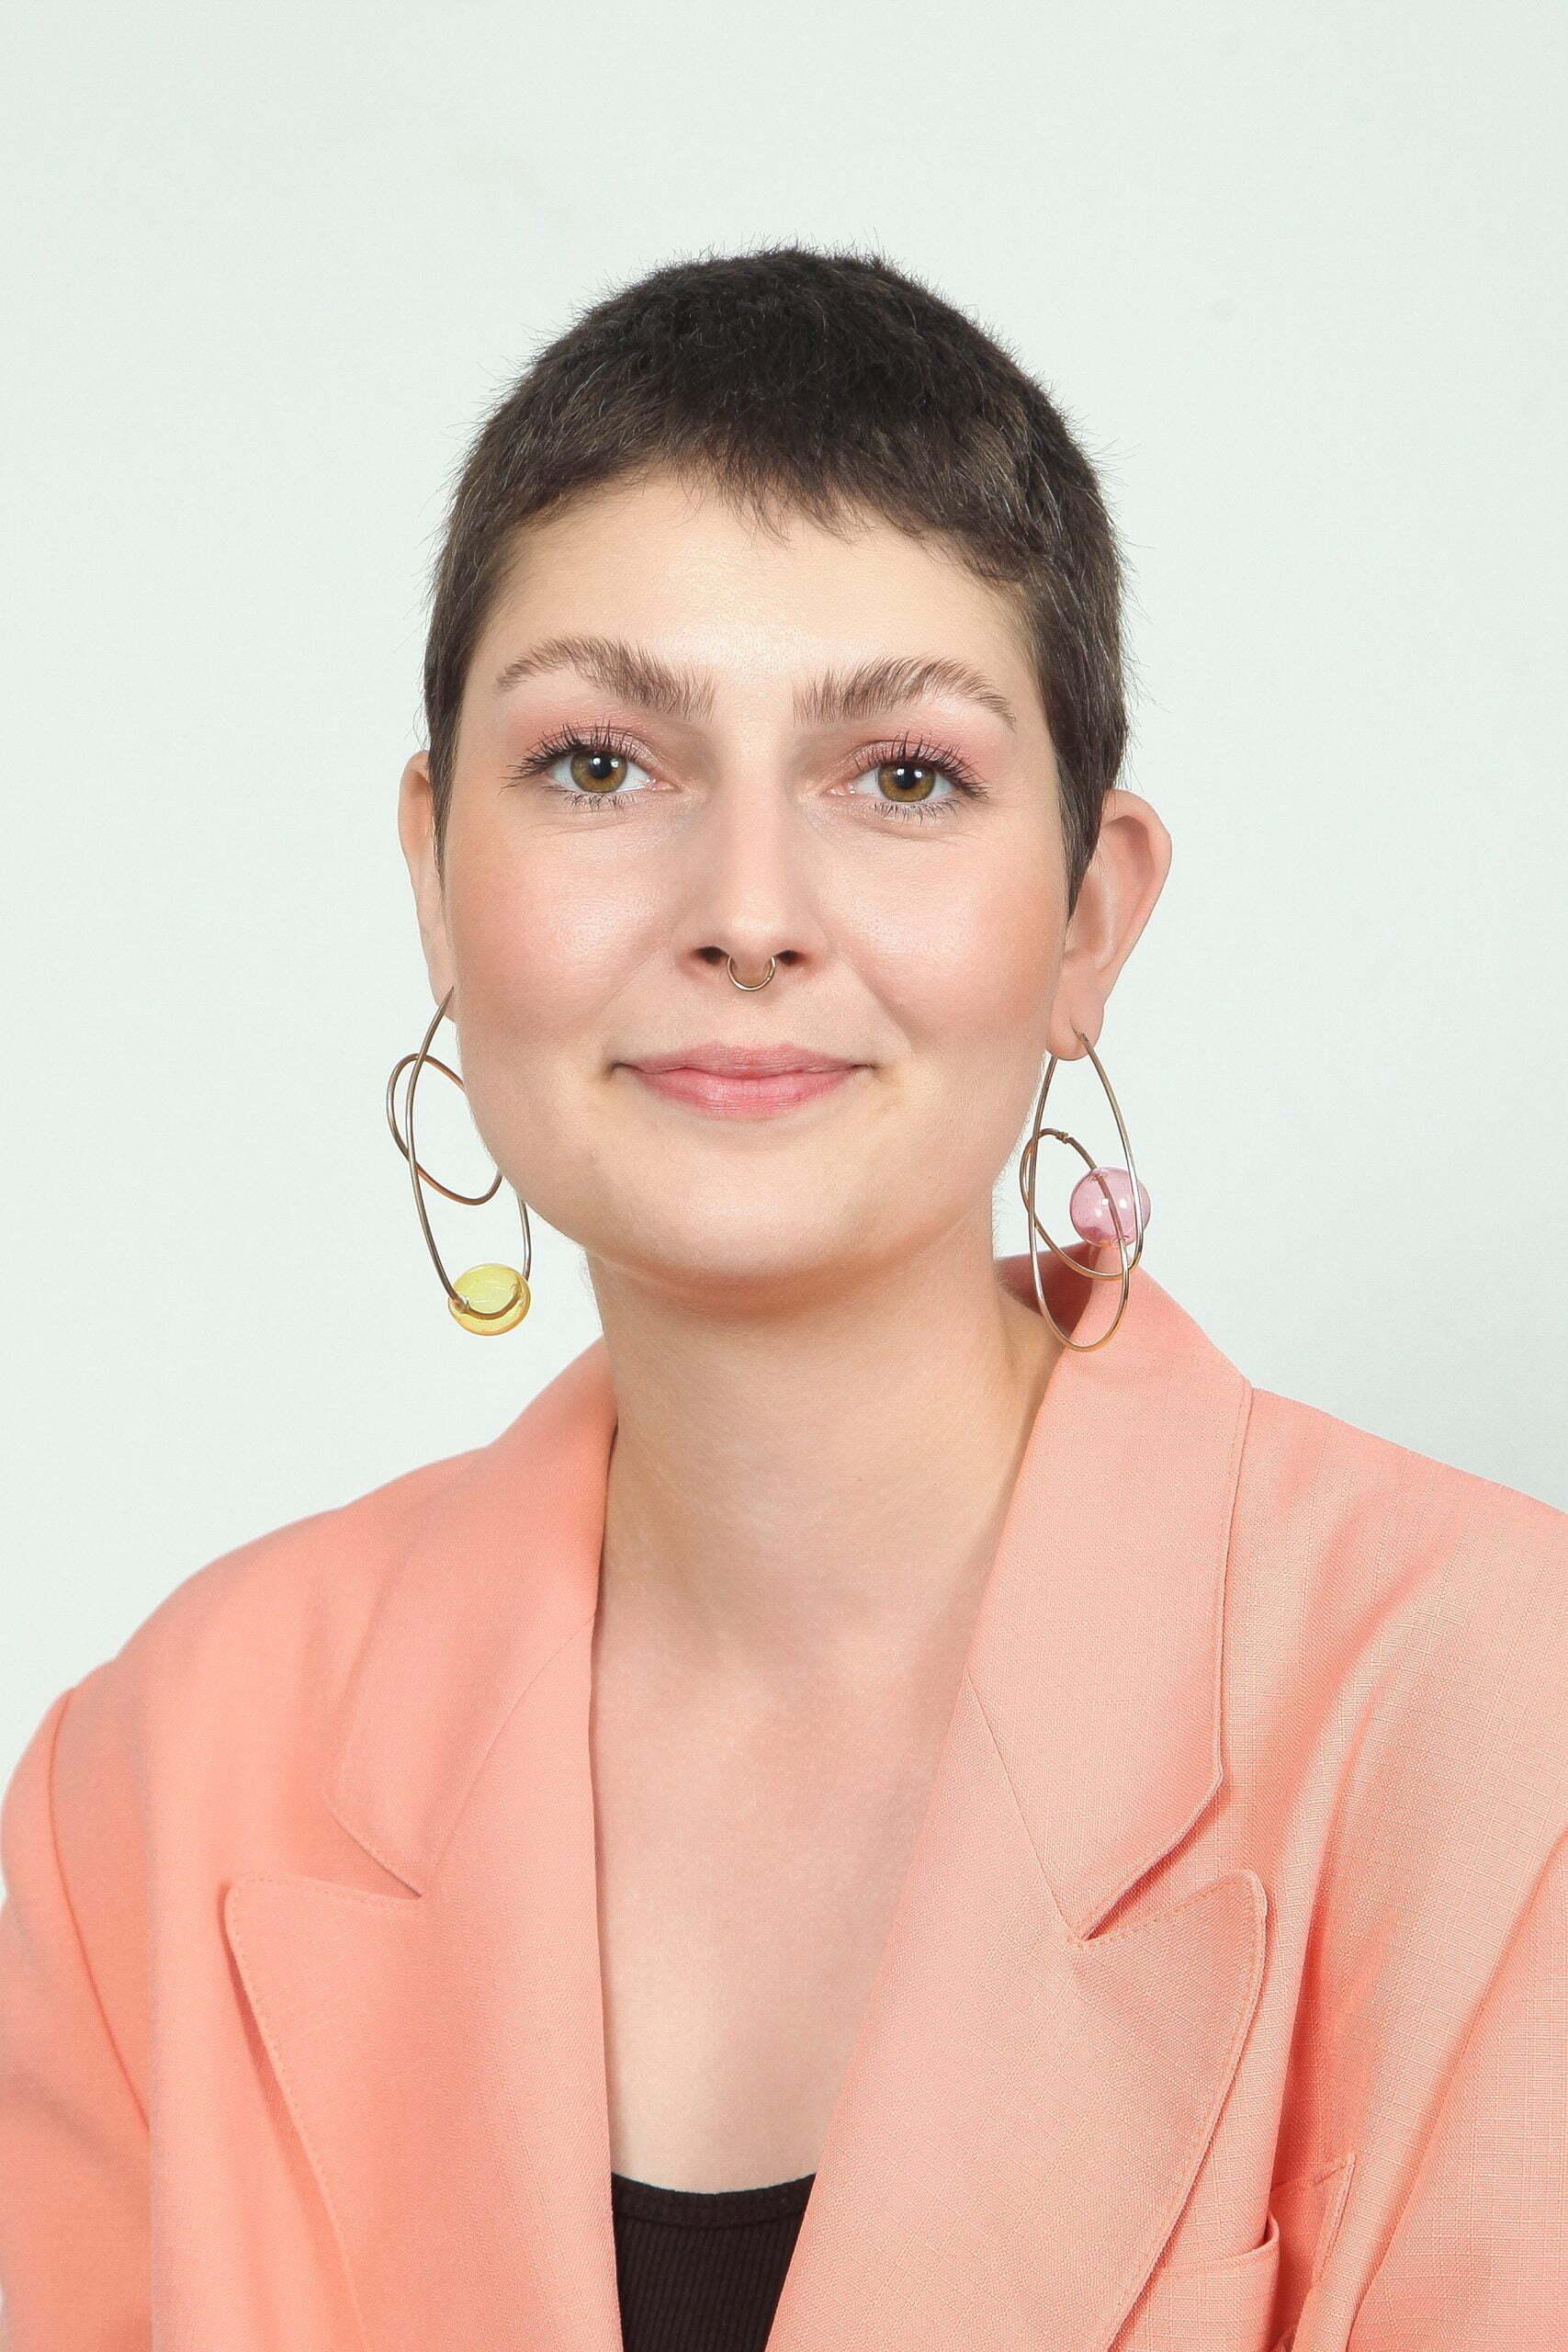 Sarah Klempin